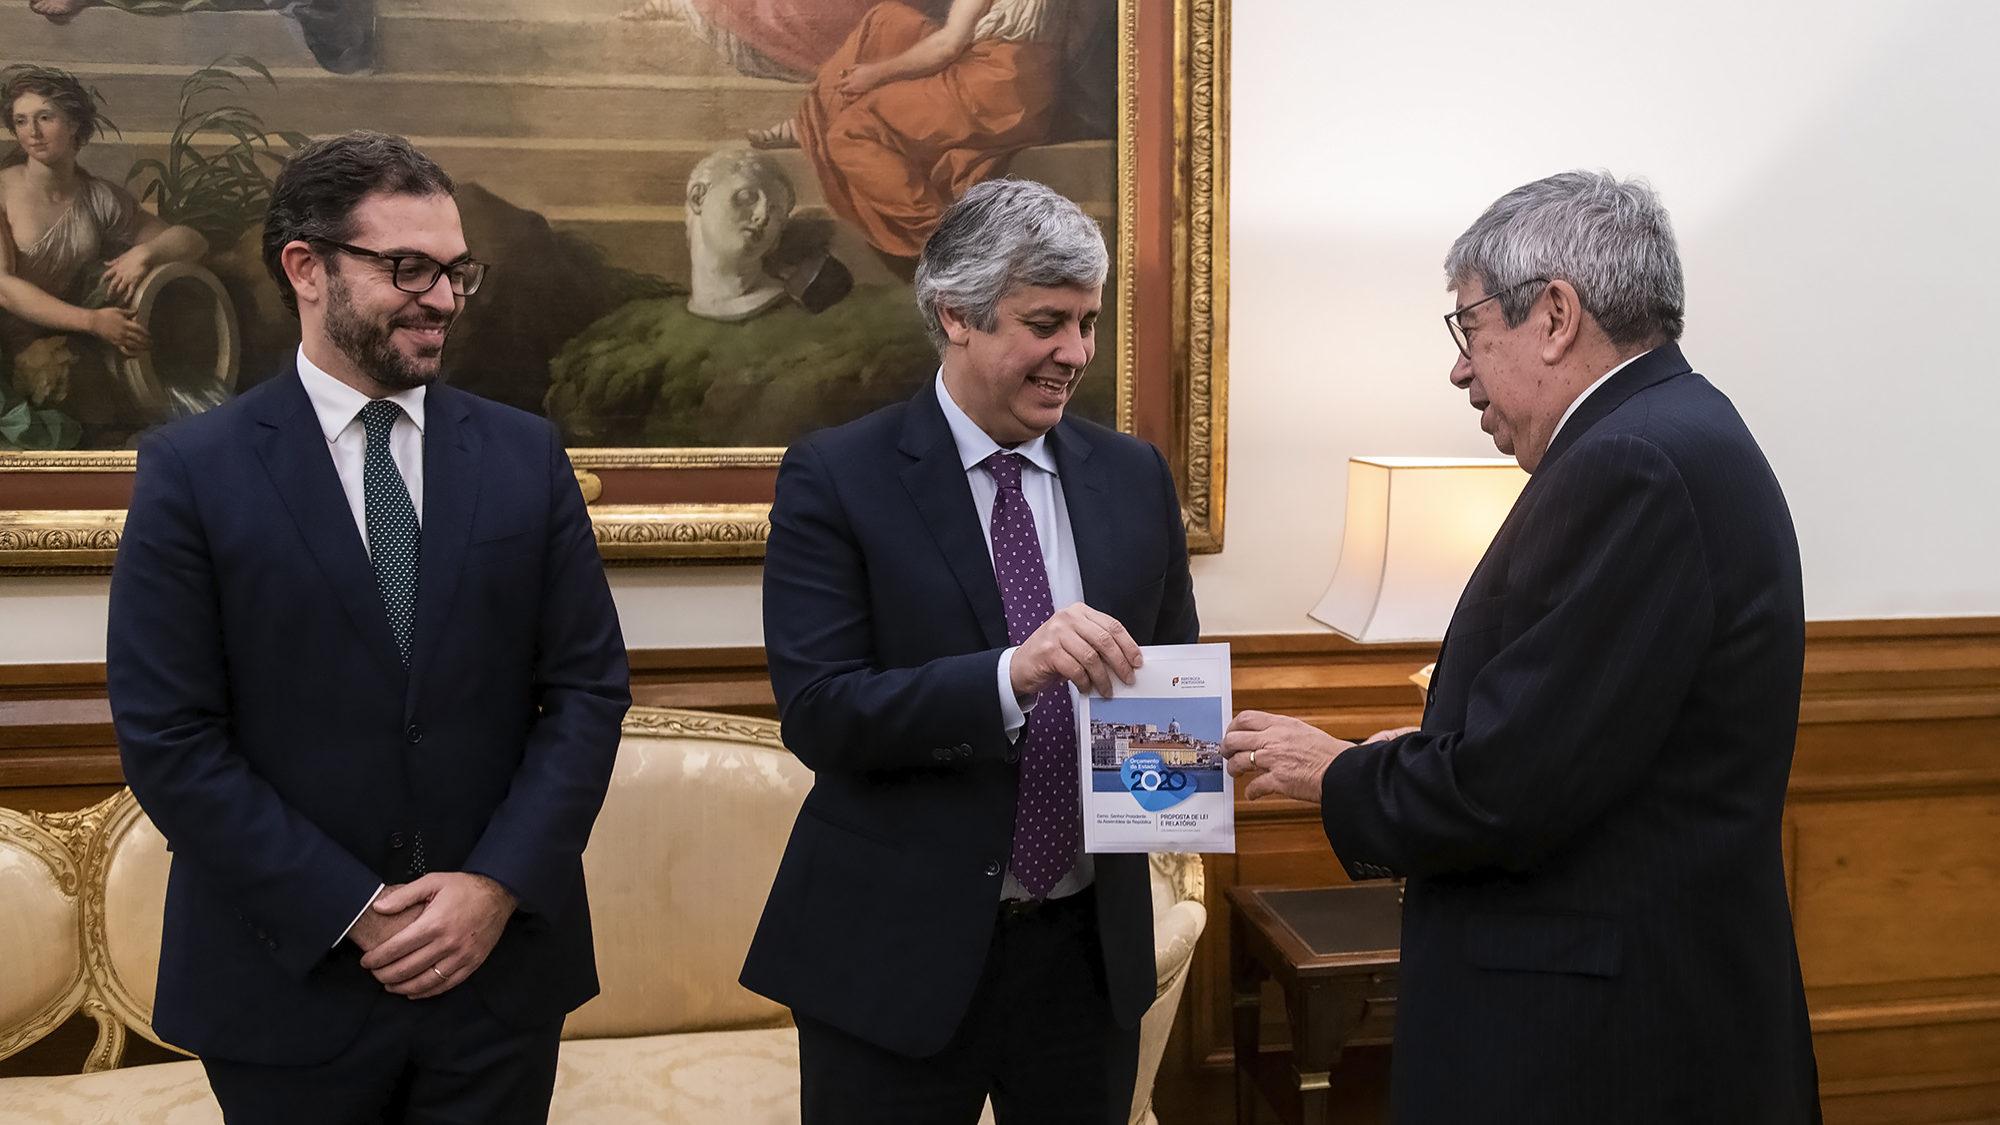 O Ministro das Finanças, Mário Centeno, entrega o Orçamento do Estado para 2020 ao Presidente da Assembleia da República, Ferro Rodrigues - 16DEZ19